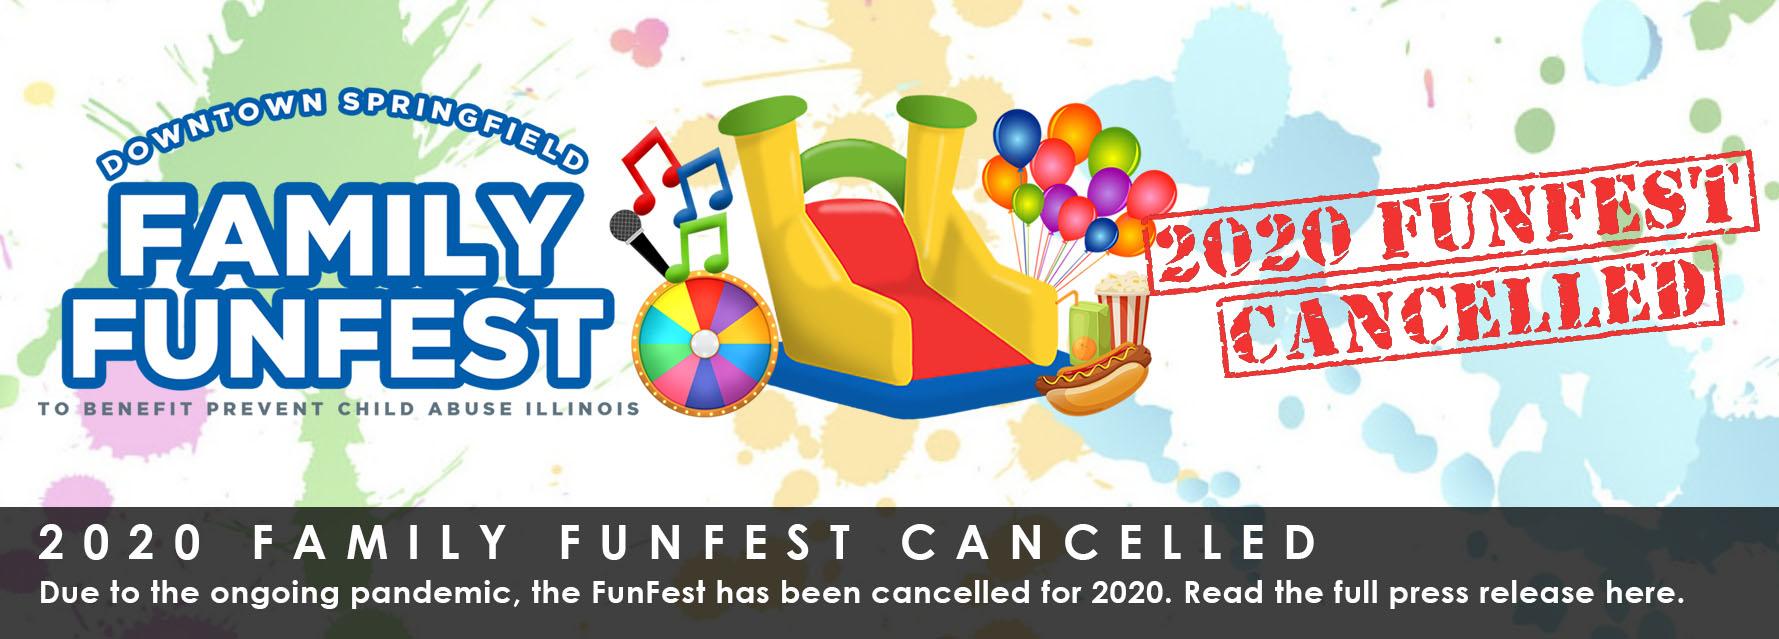 FunFest 2020 Cancelled Slider 1